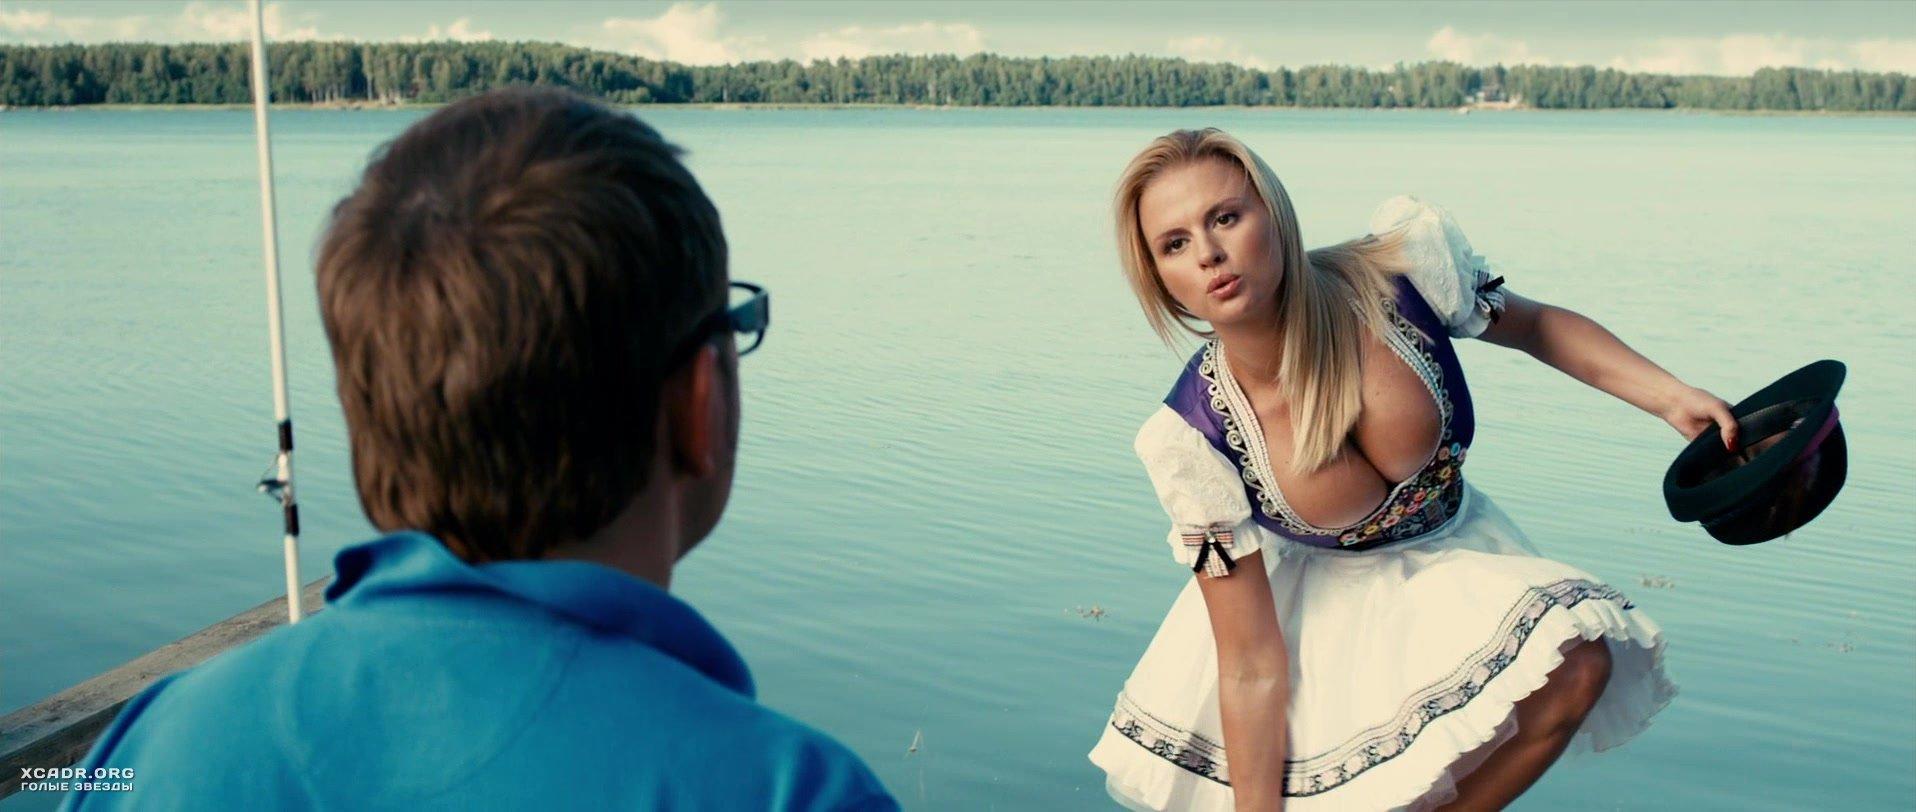 Смотреть фото анны семенович в мини юбках, Анна Семенович козыряет фигурой в дерзком мини 18 фотография